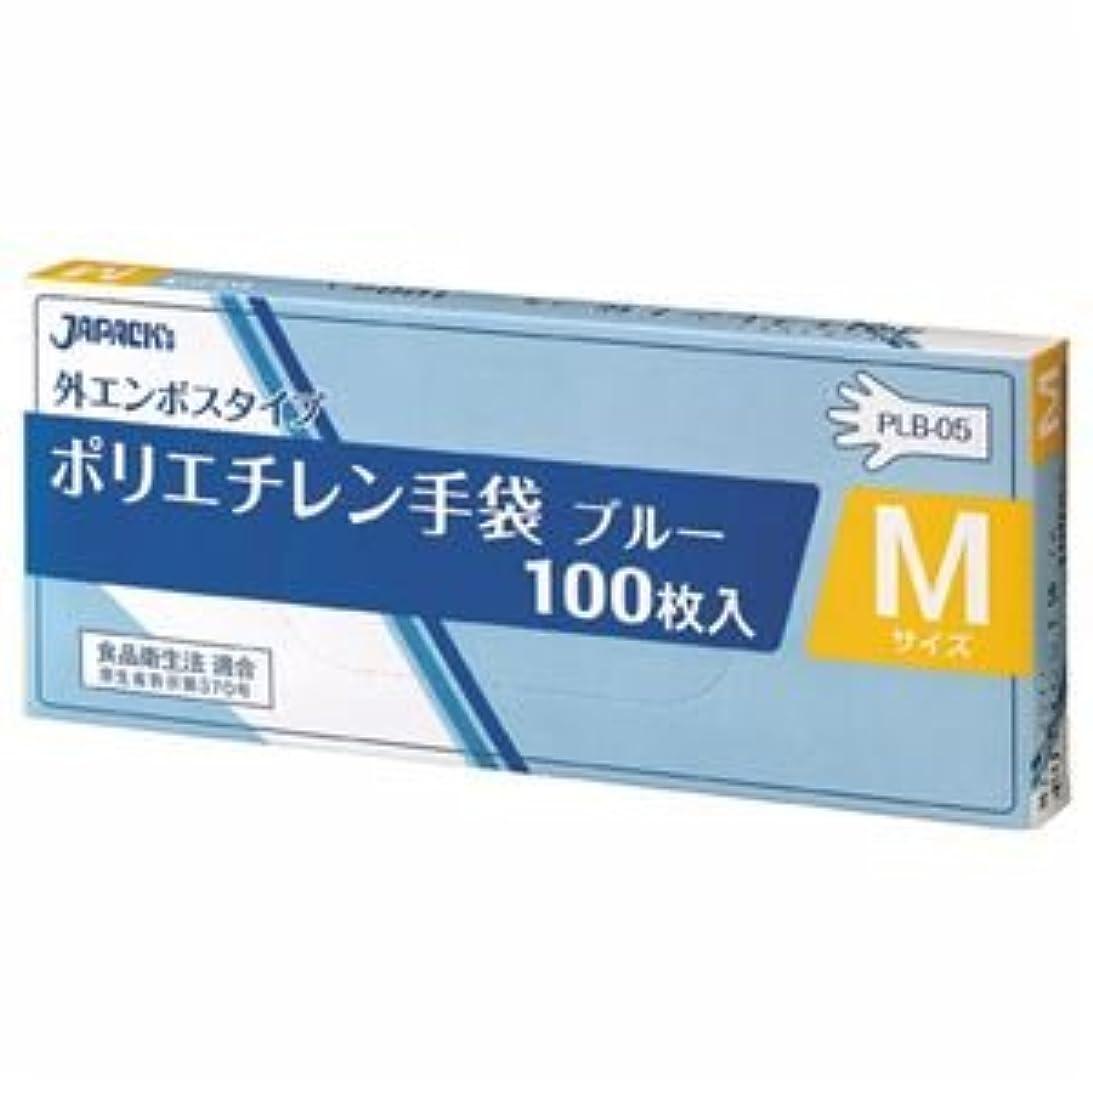 アトムサイレントレイアウト(まとめ) ジャパックス 外エンボスLDポリ手袋BOX M 青 PLB05 1パック(100枚) 【